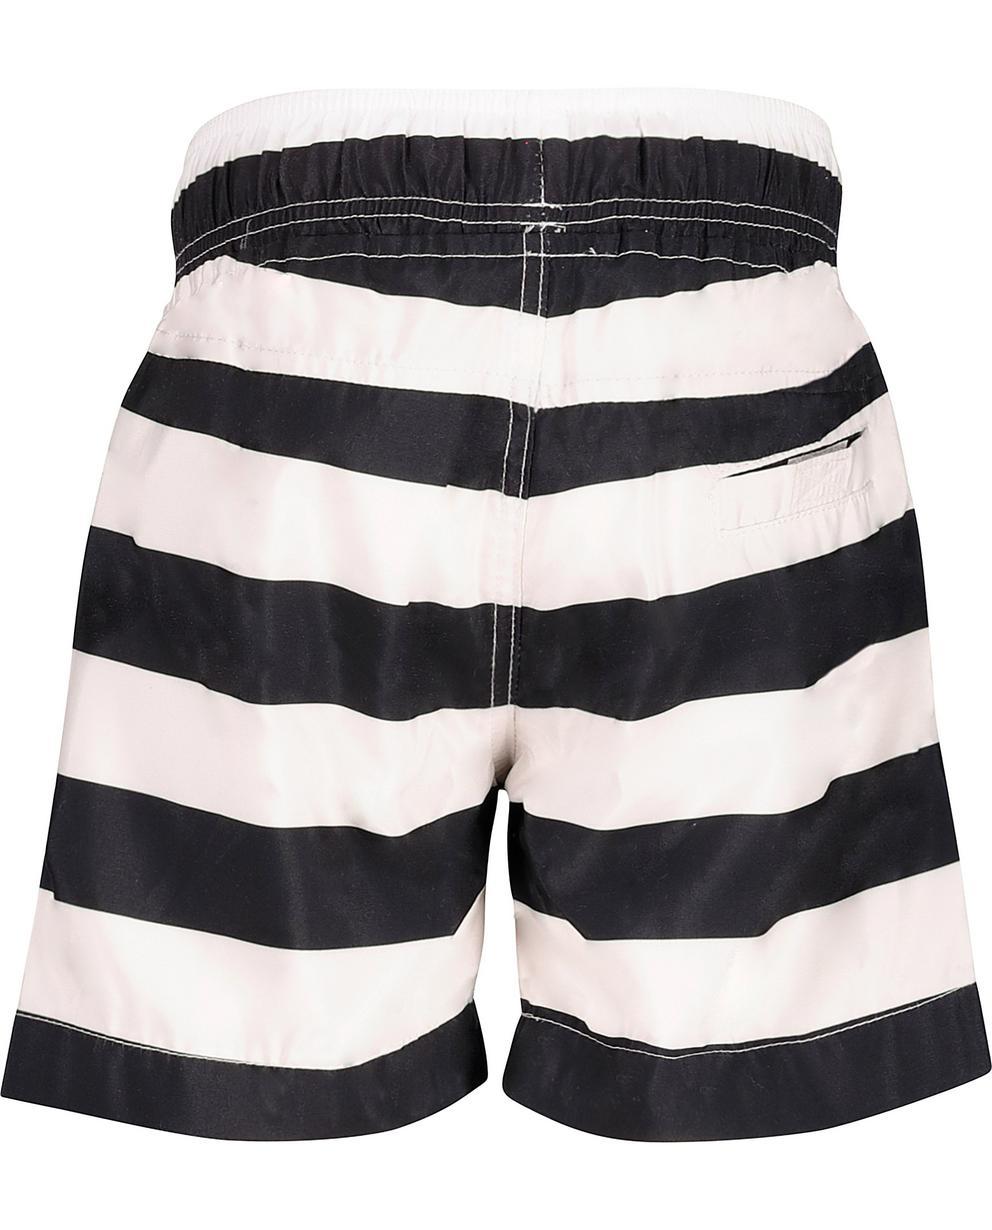 Short de natation rayé noir et blanc JBC  0c1f112287d